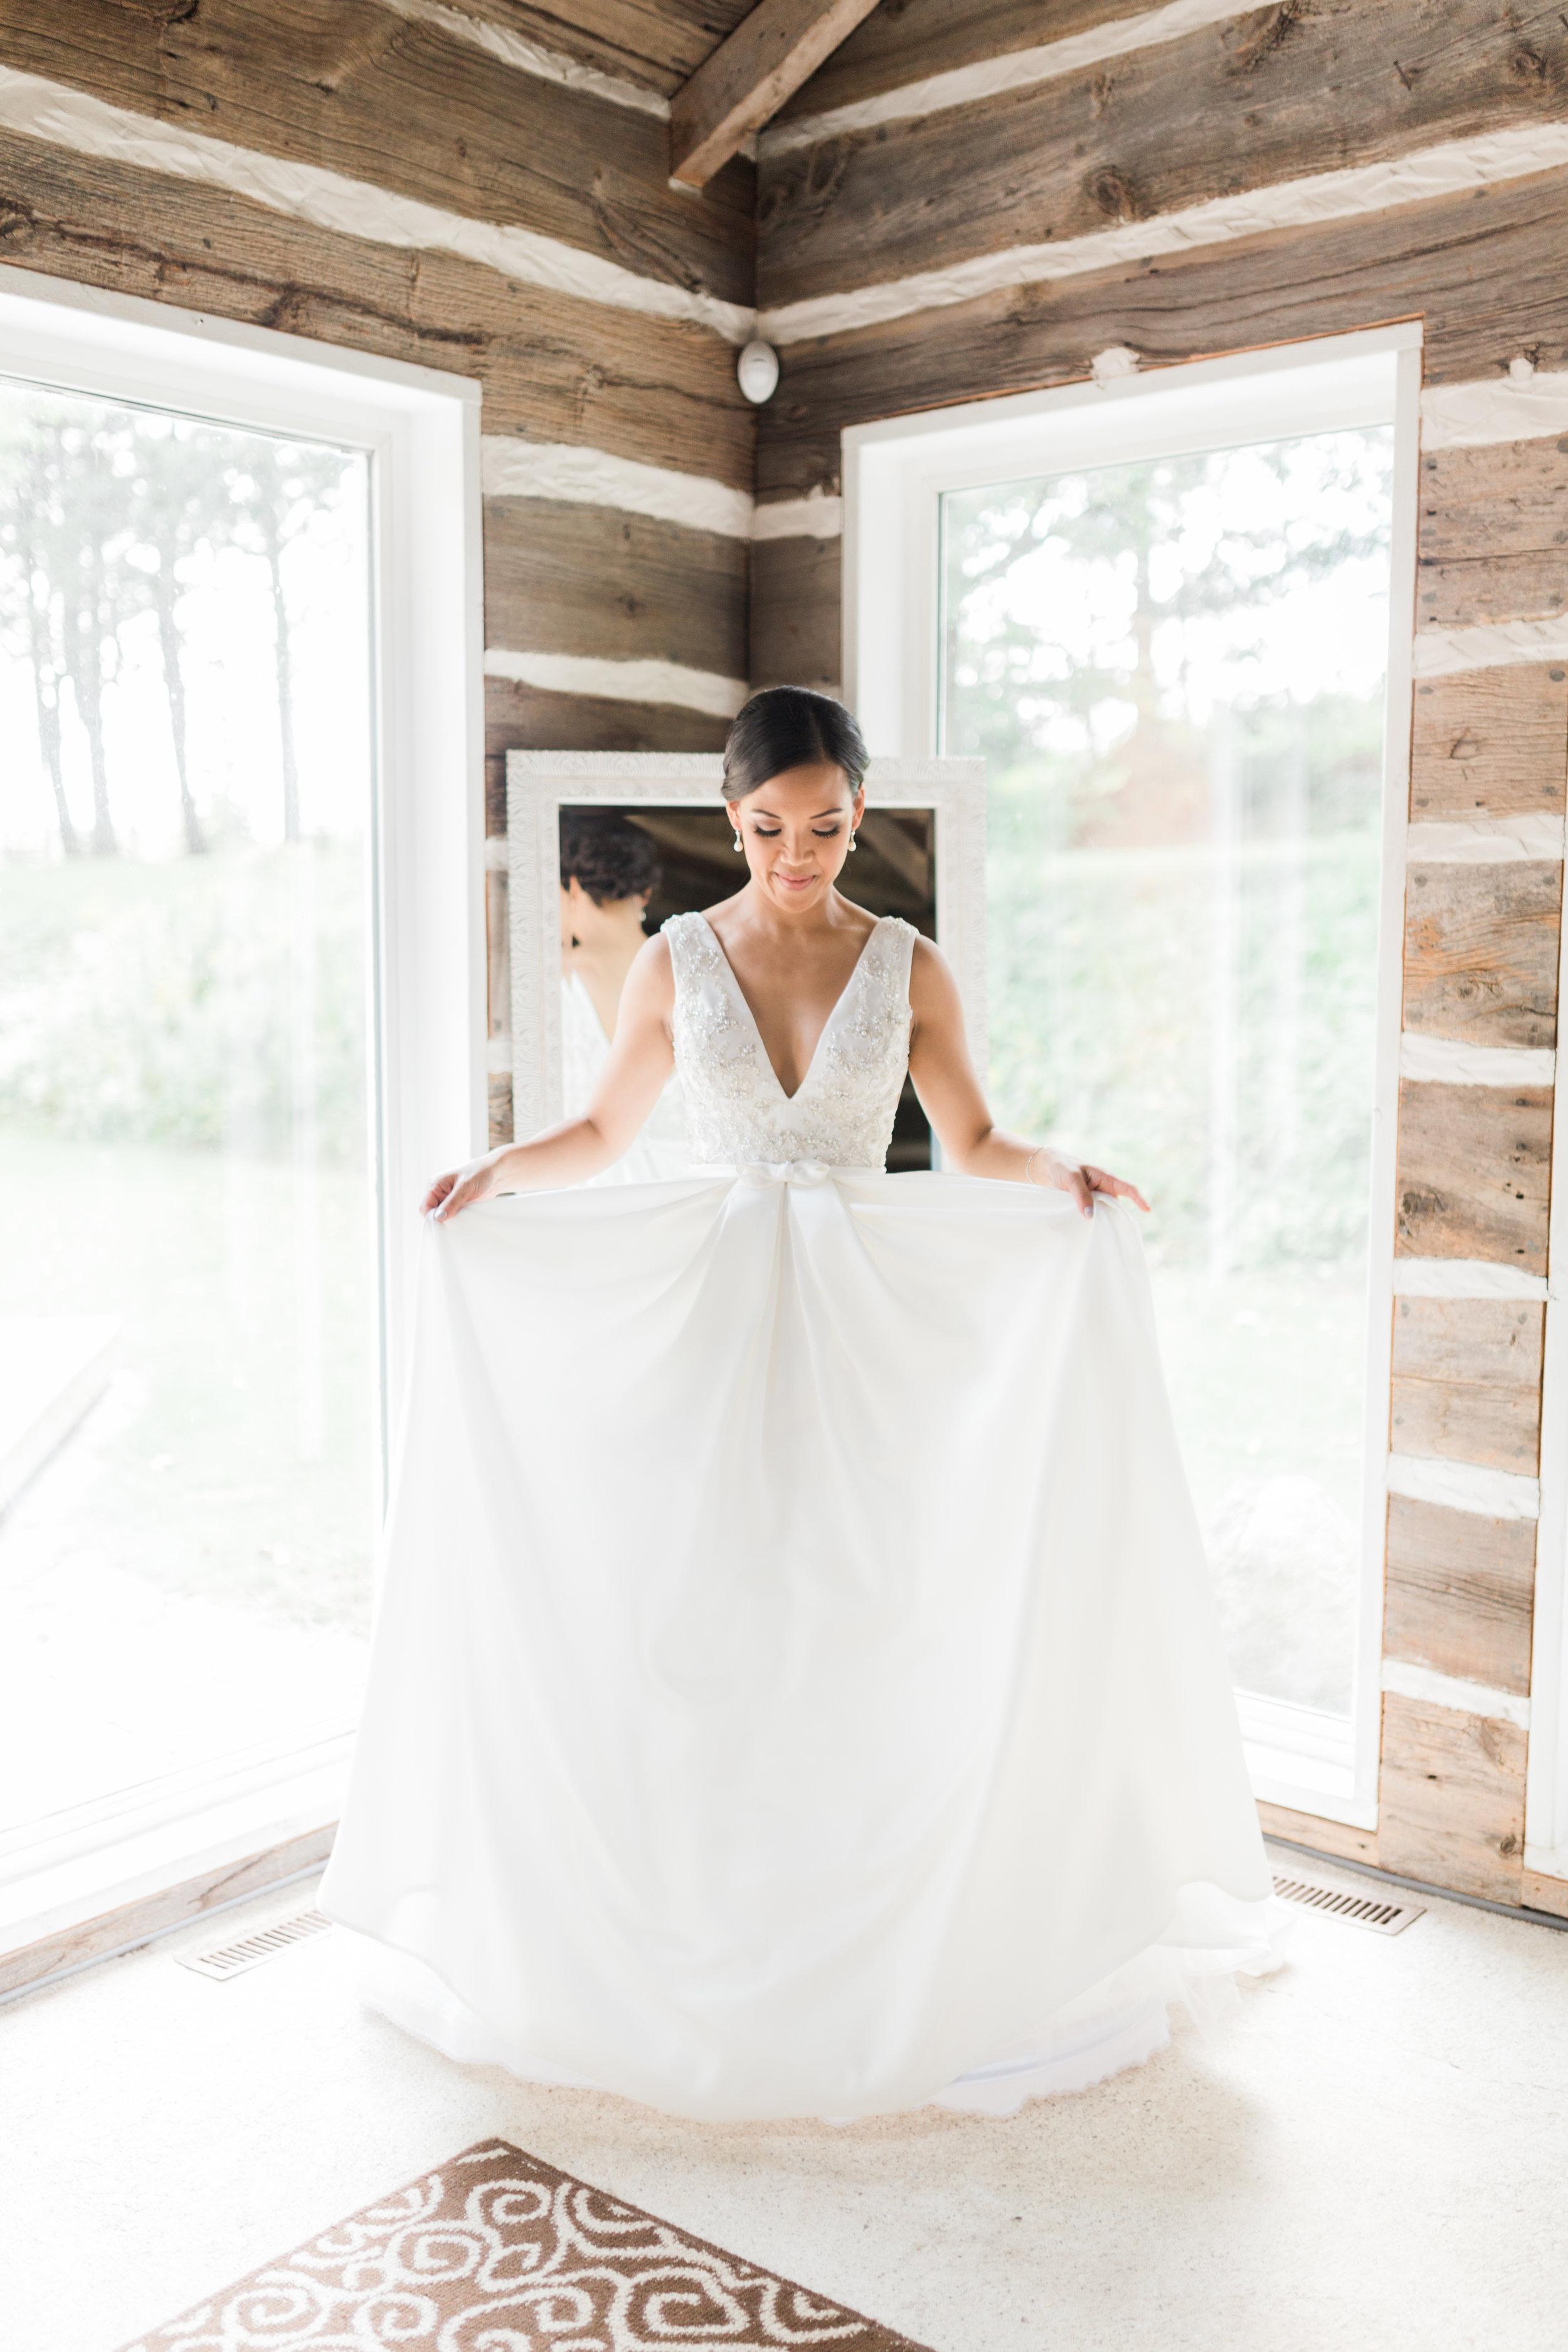 Alton Mills Wedding - Bride Getting Ready-71.jpg